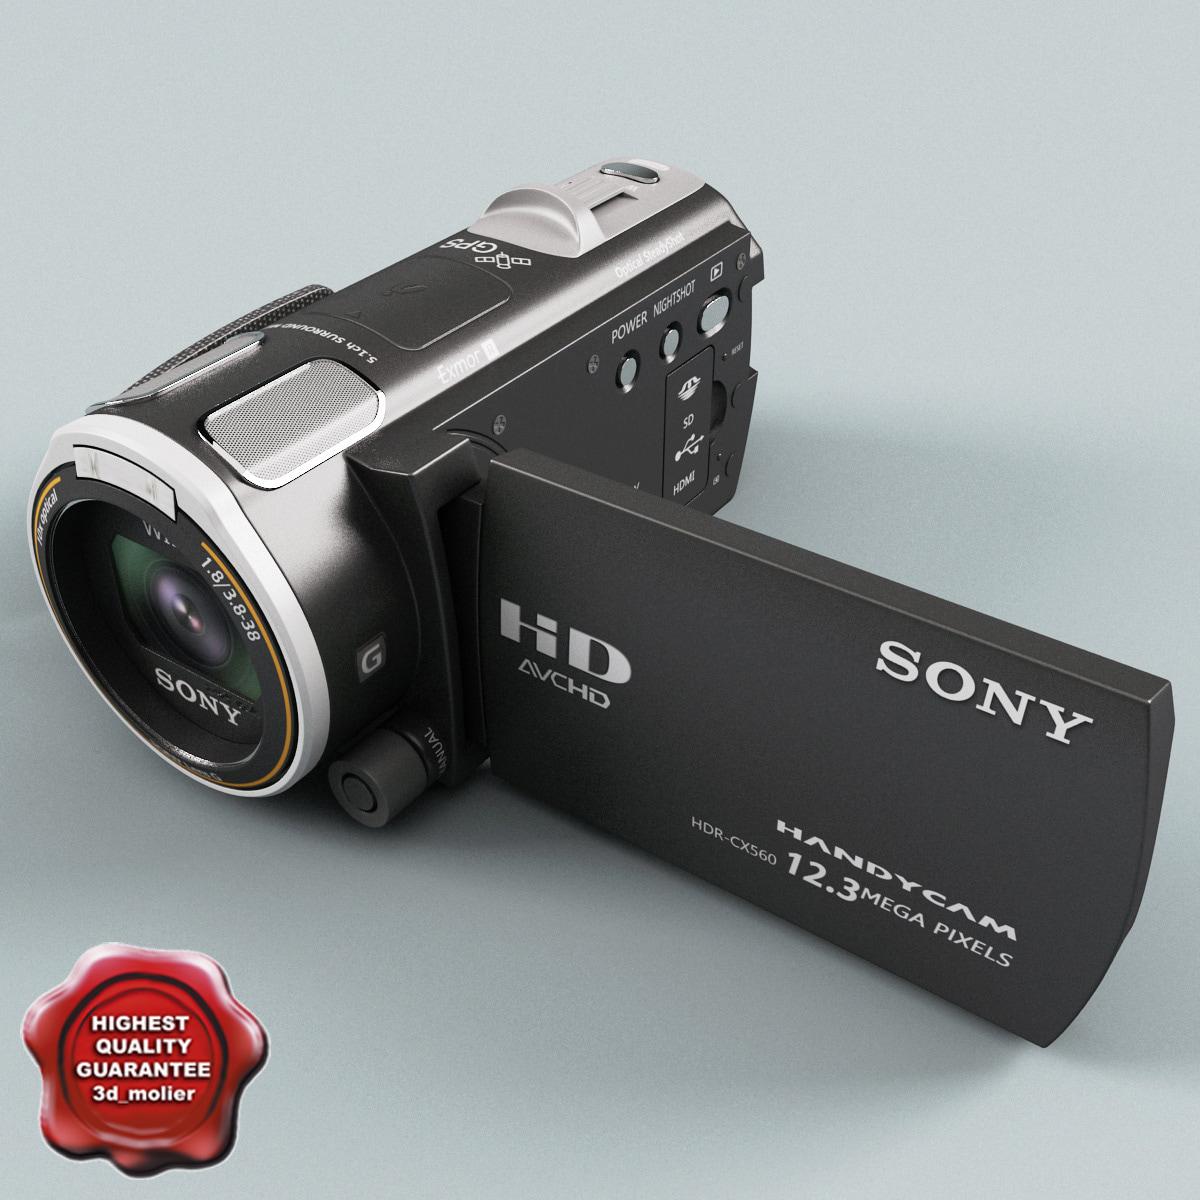 Handycam_Sony_HDR-CX560V_64GB_00.jpg